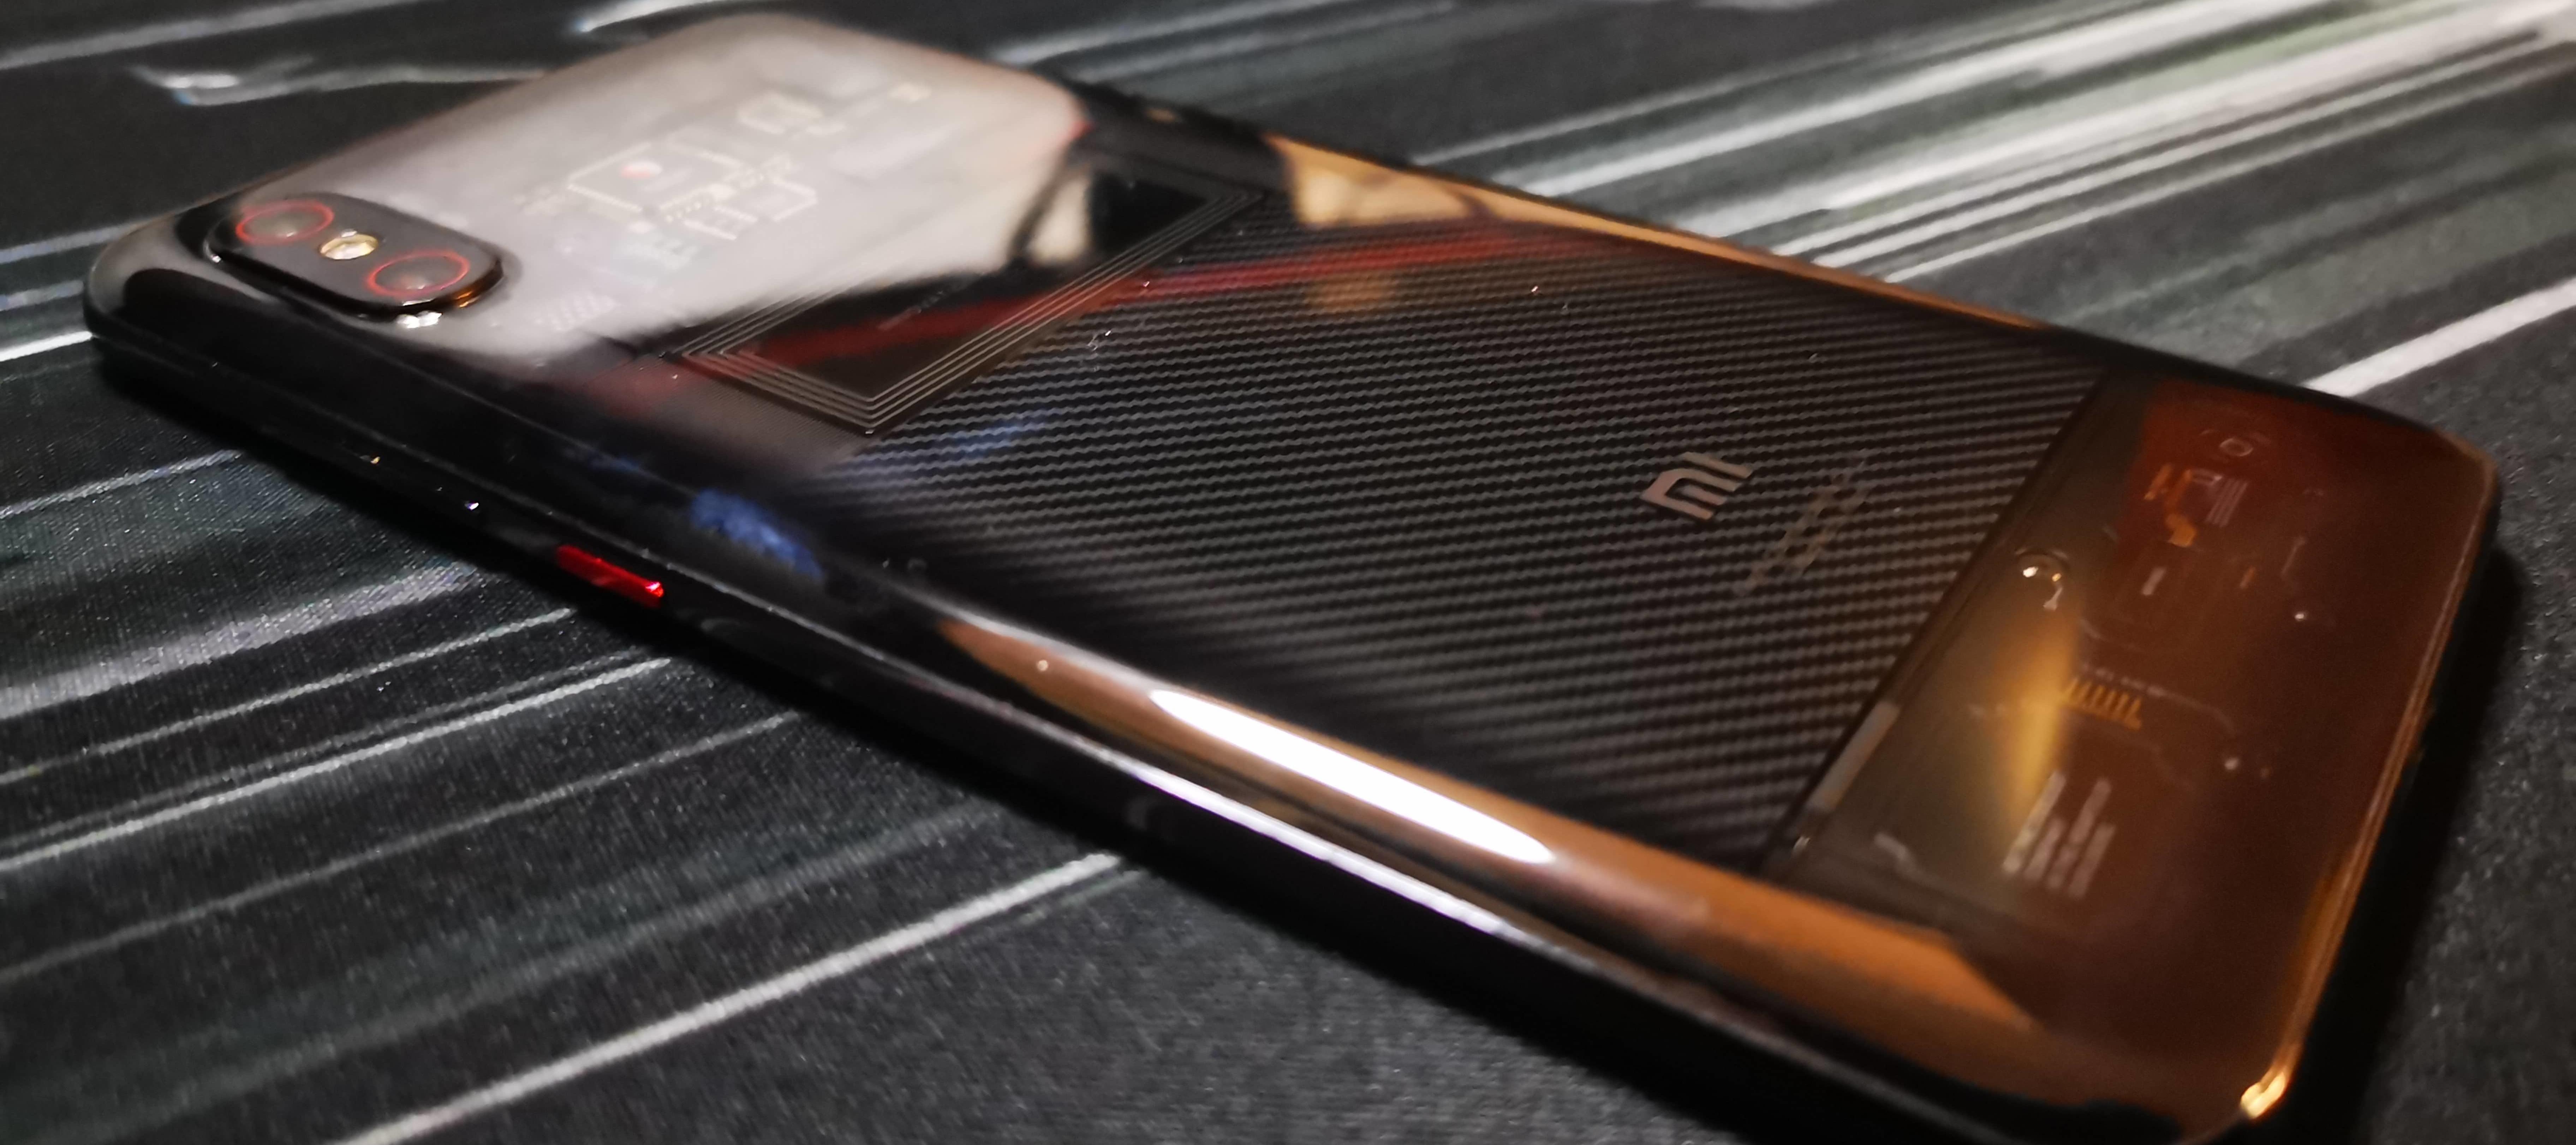 Xiaomi - Zukunft der Handys? Test des Xiaomi MI8 Explorer Edition